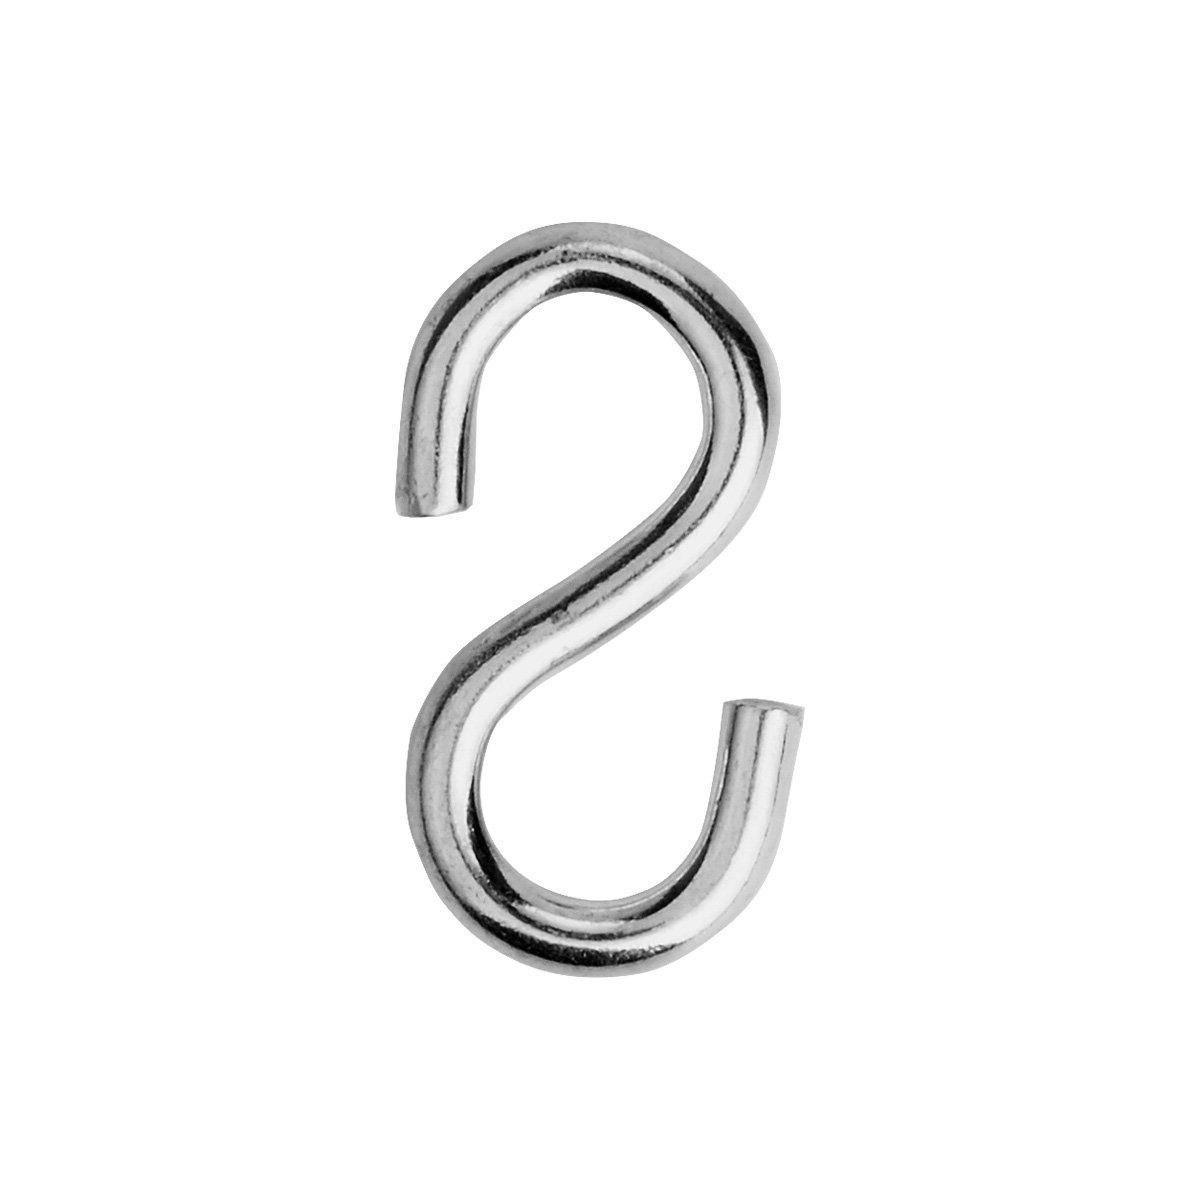 Shaped <font><b>Hooks</b></font> Galvanized <font><b>Hooks</b></font>, 1-3/4 Inches